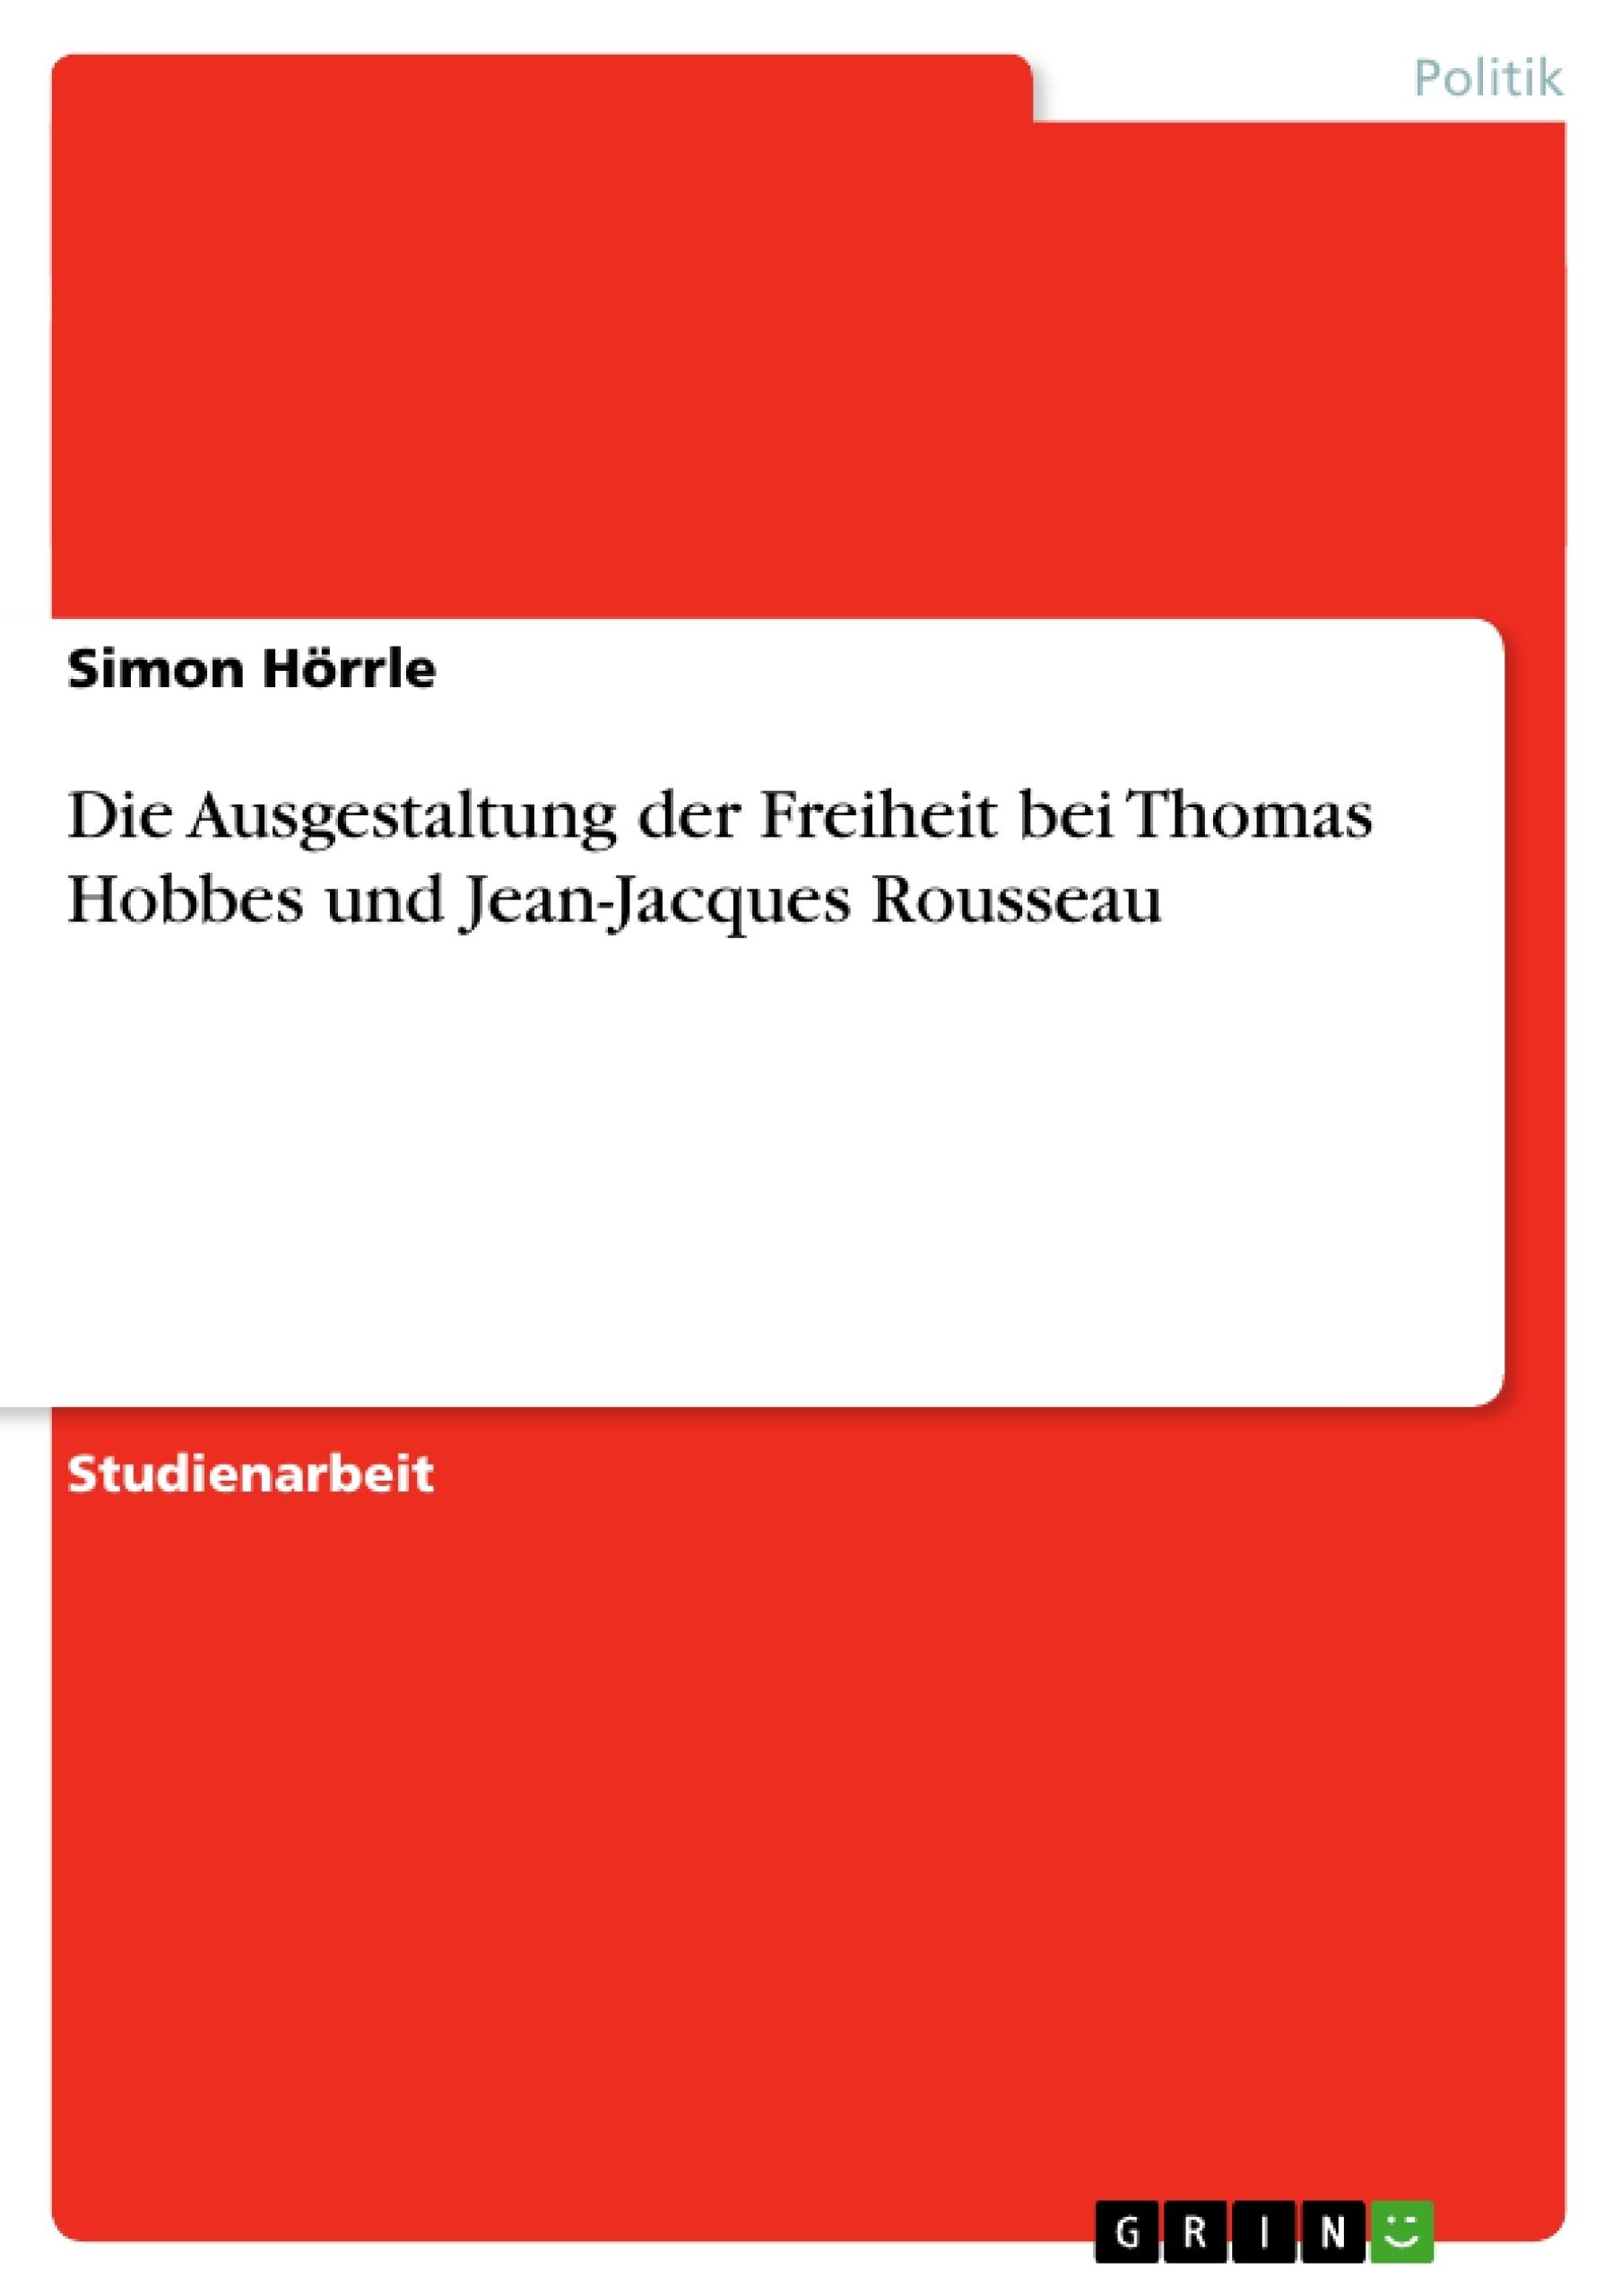 Titel: Die Ausgestaltung der Freiheit bei Thomas Hobbes und Jean-Jacques Rousseau